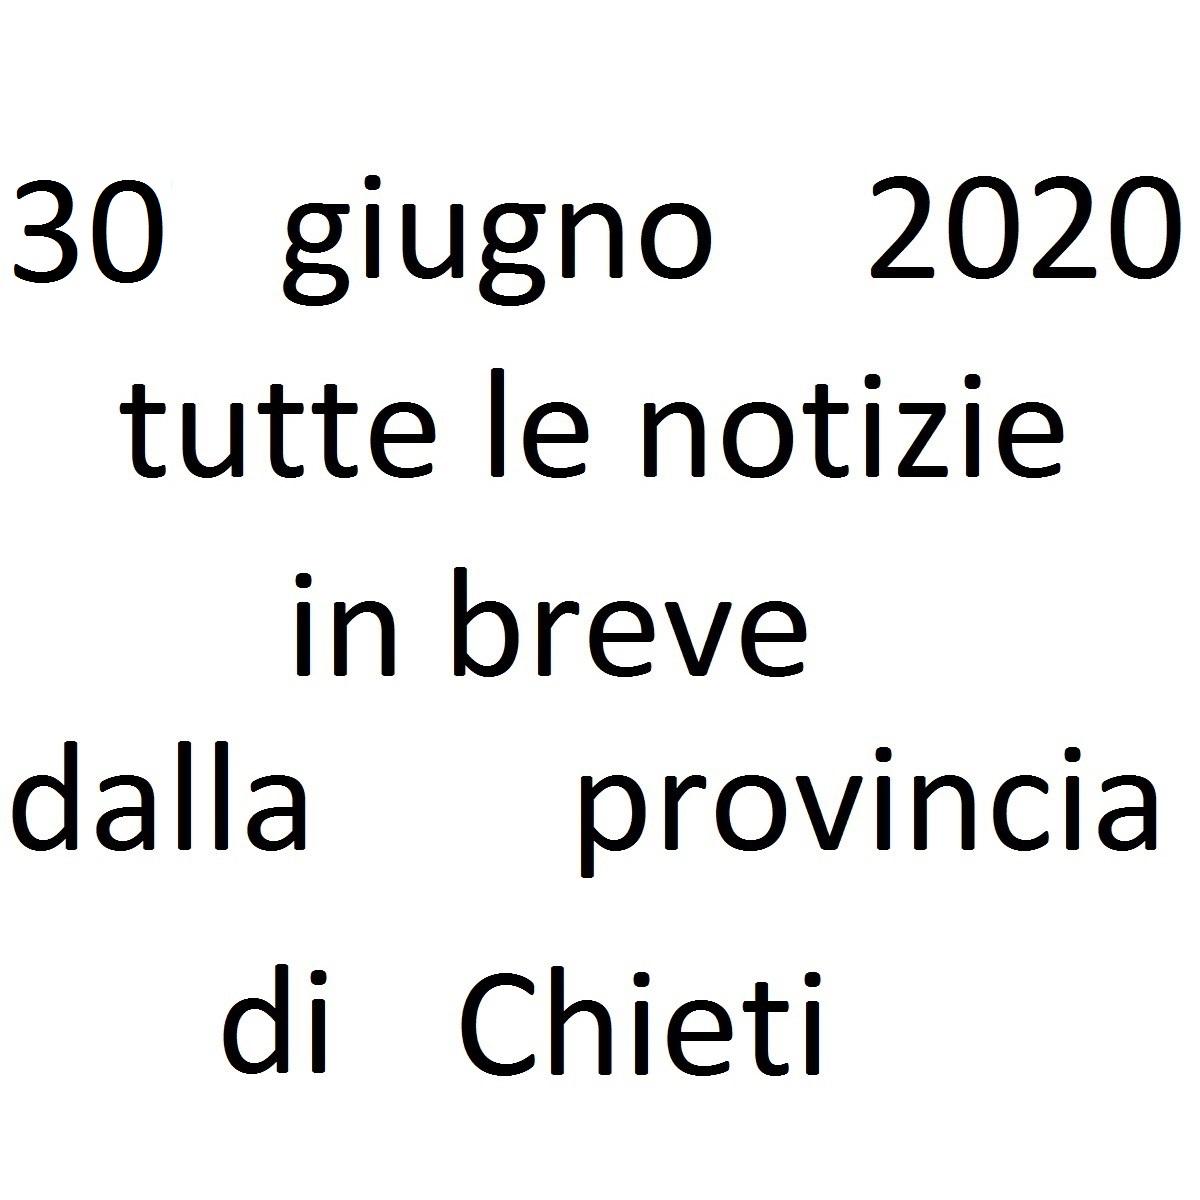 30 giugno 2020 notizie in breve dalla Provincia di Chieti foto